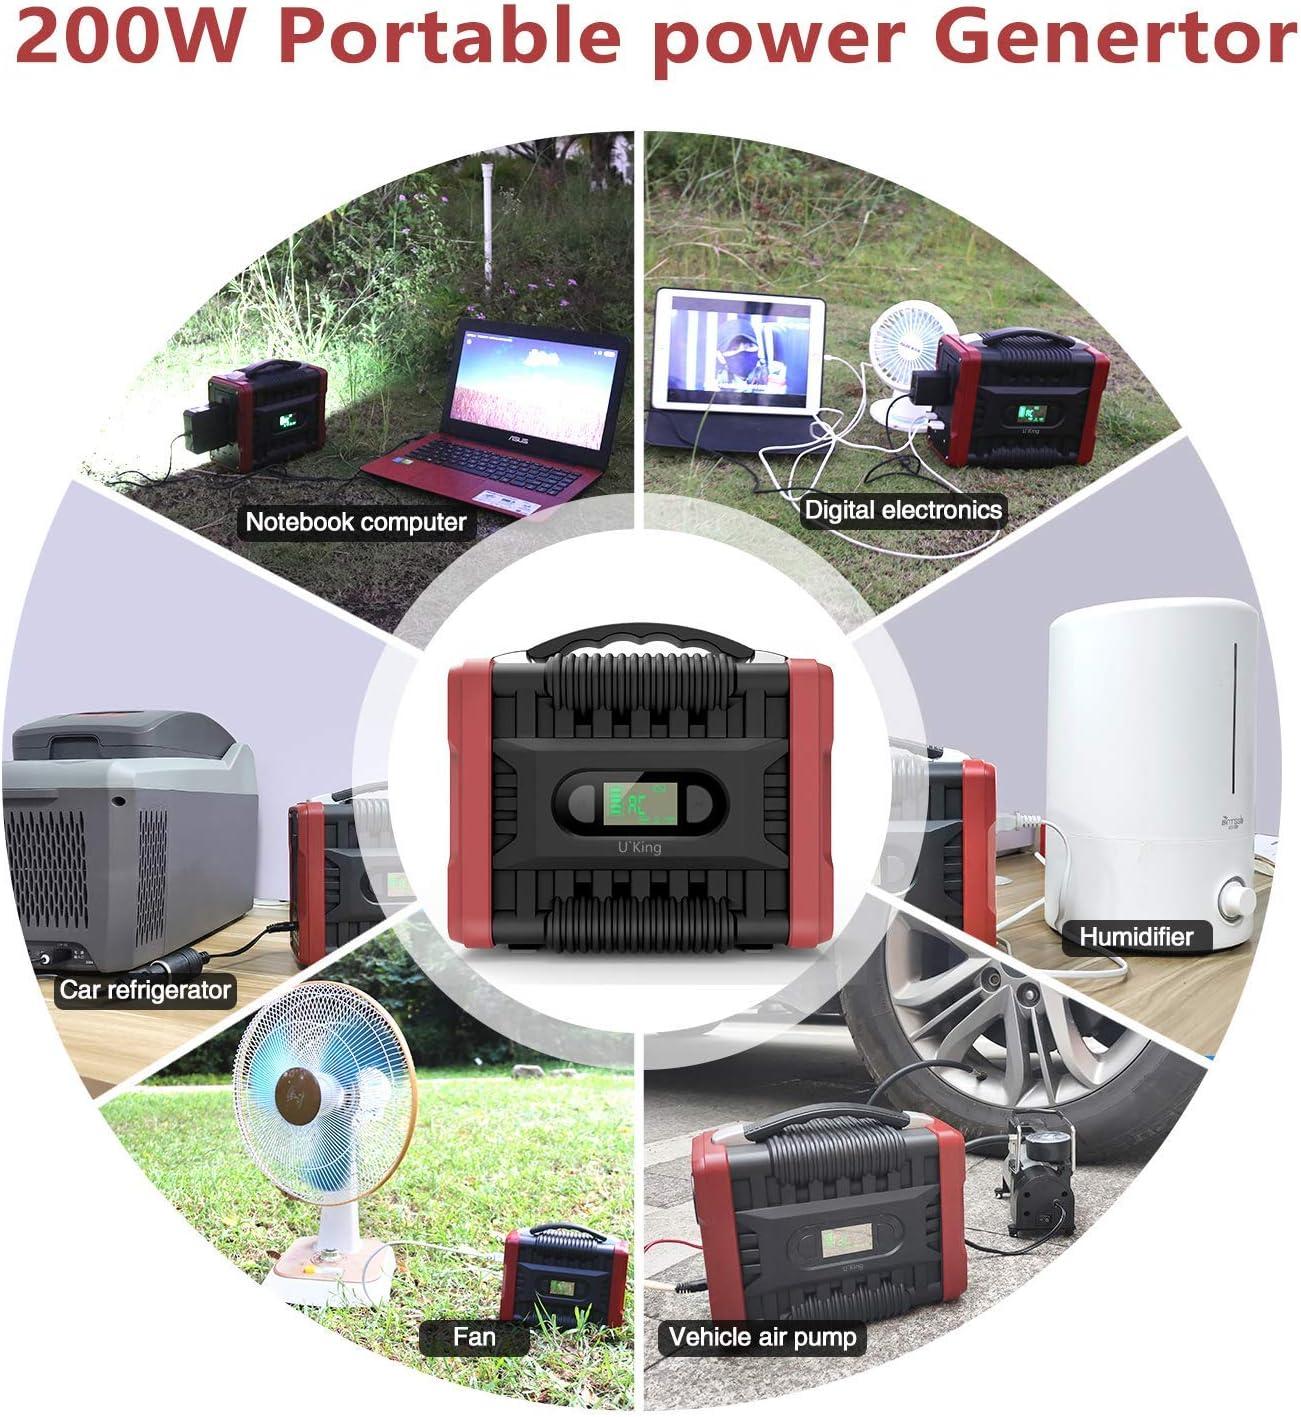 HLDUYIN Power Station,222Wh//60000mAh G/én/érateur d/Énergie Solaire Portable Onduleur AC et DC avec 4 Ports USB,Solaireb G/én/érateur durgence Station pour Le Camping en Plein Air